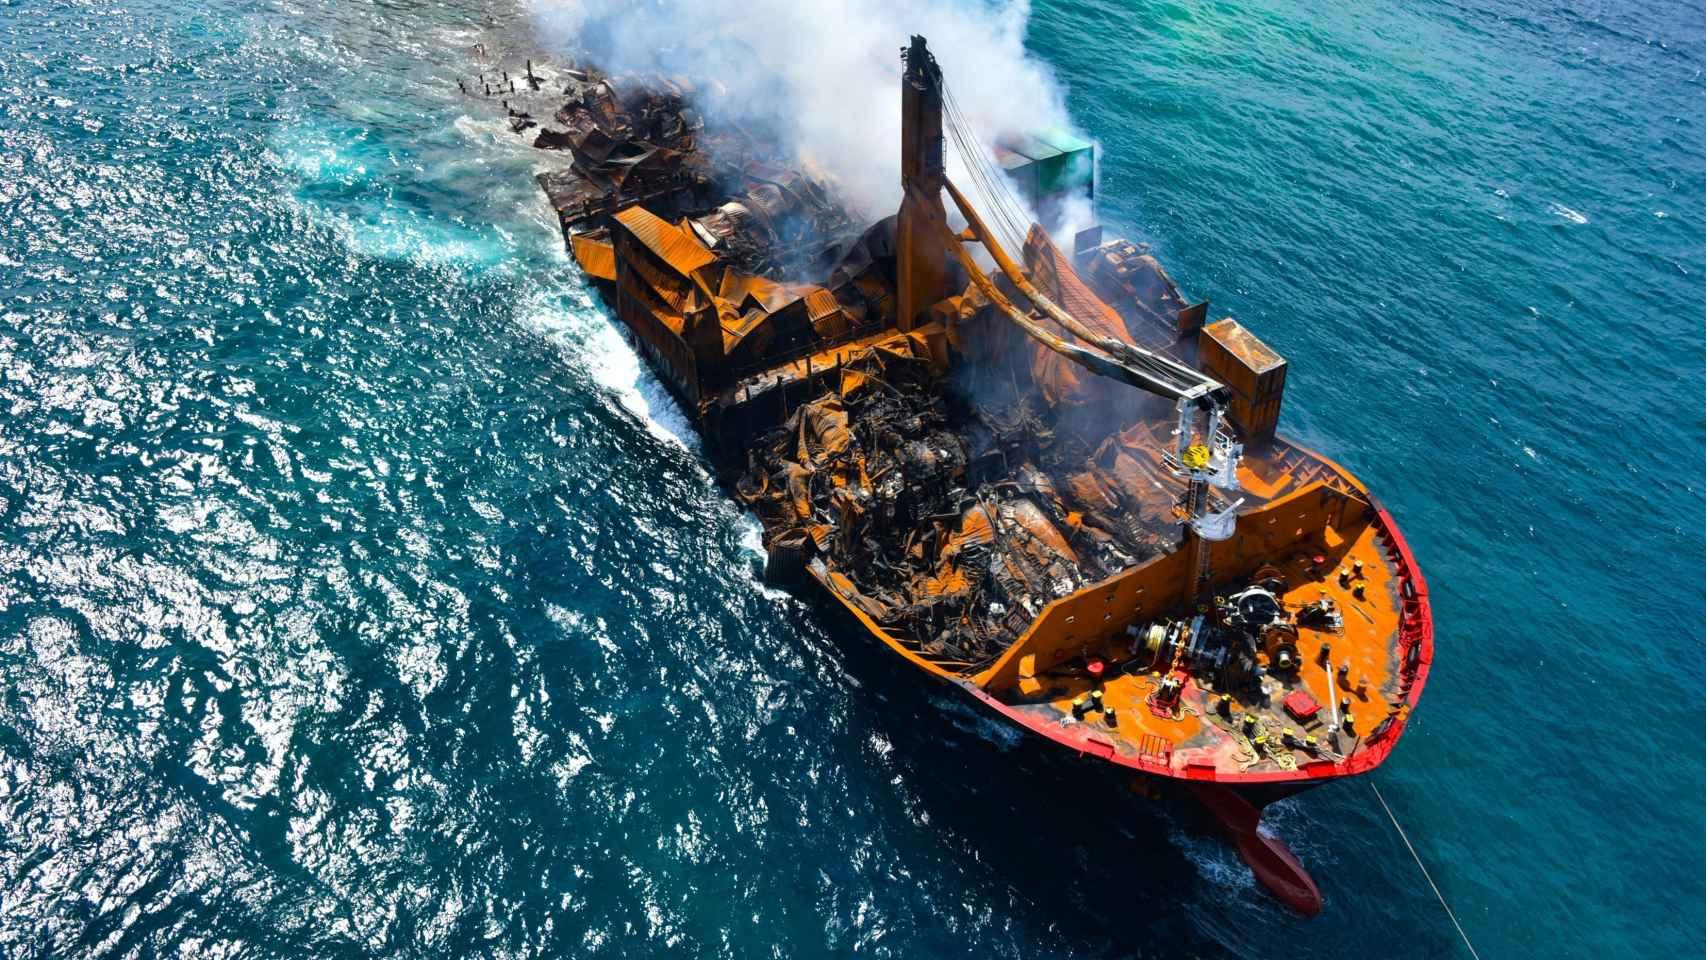 Un buque de carga con 1.500 contenedores de sustancias peligrosas se hunde frente a las costas de Sri Lanka.